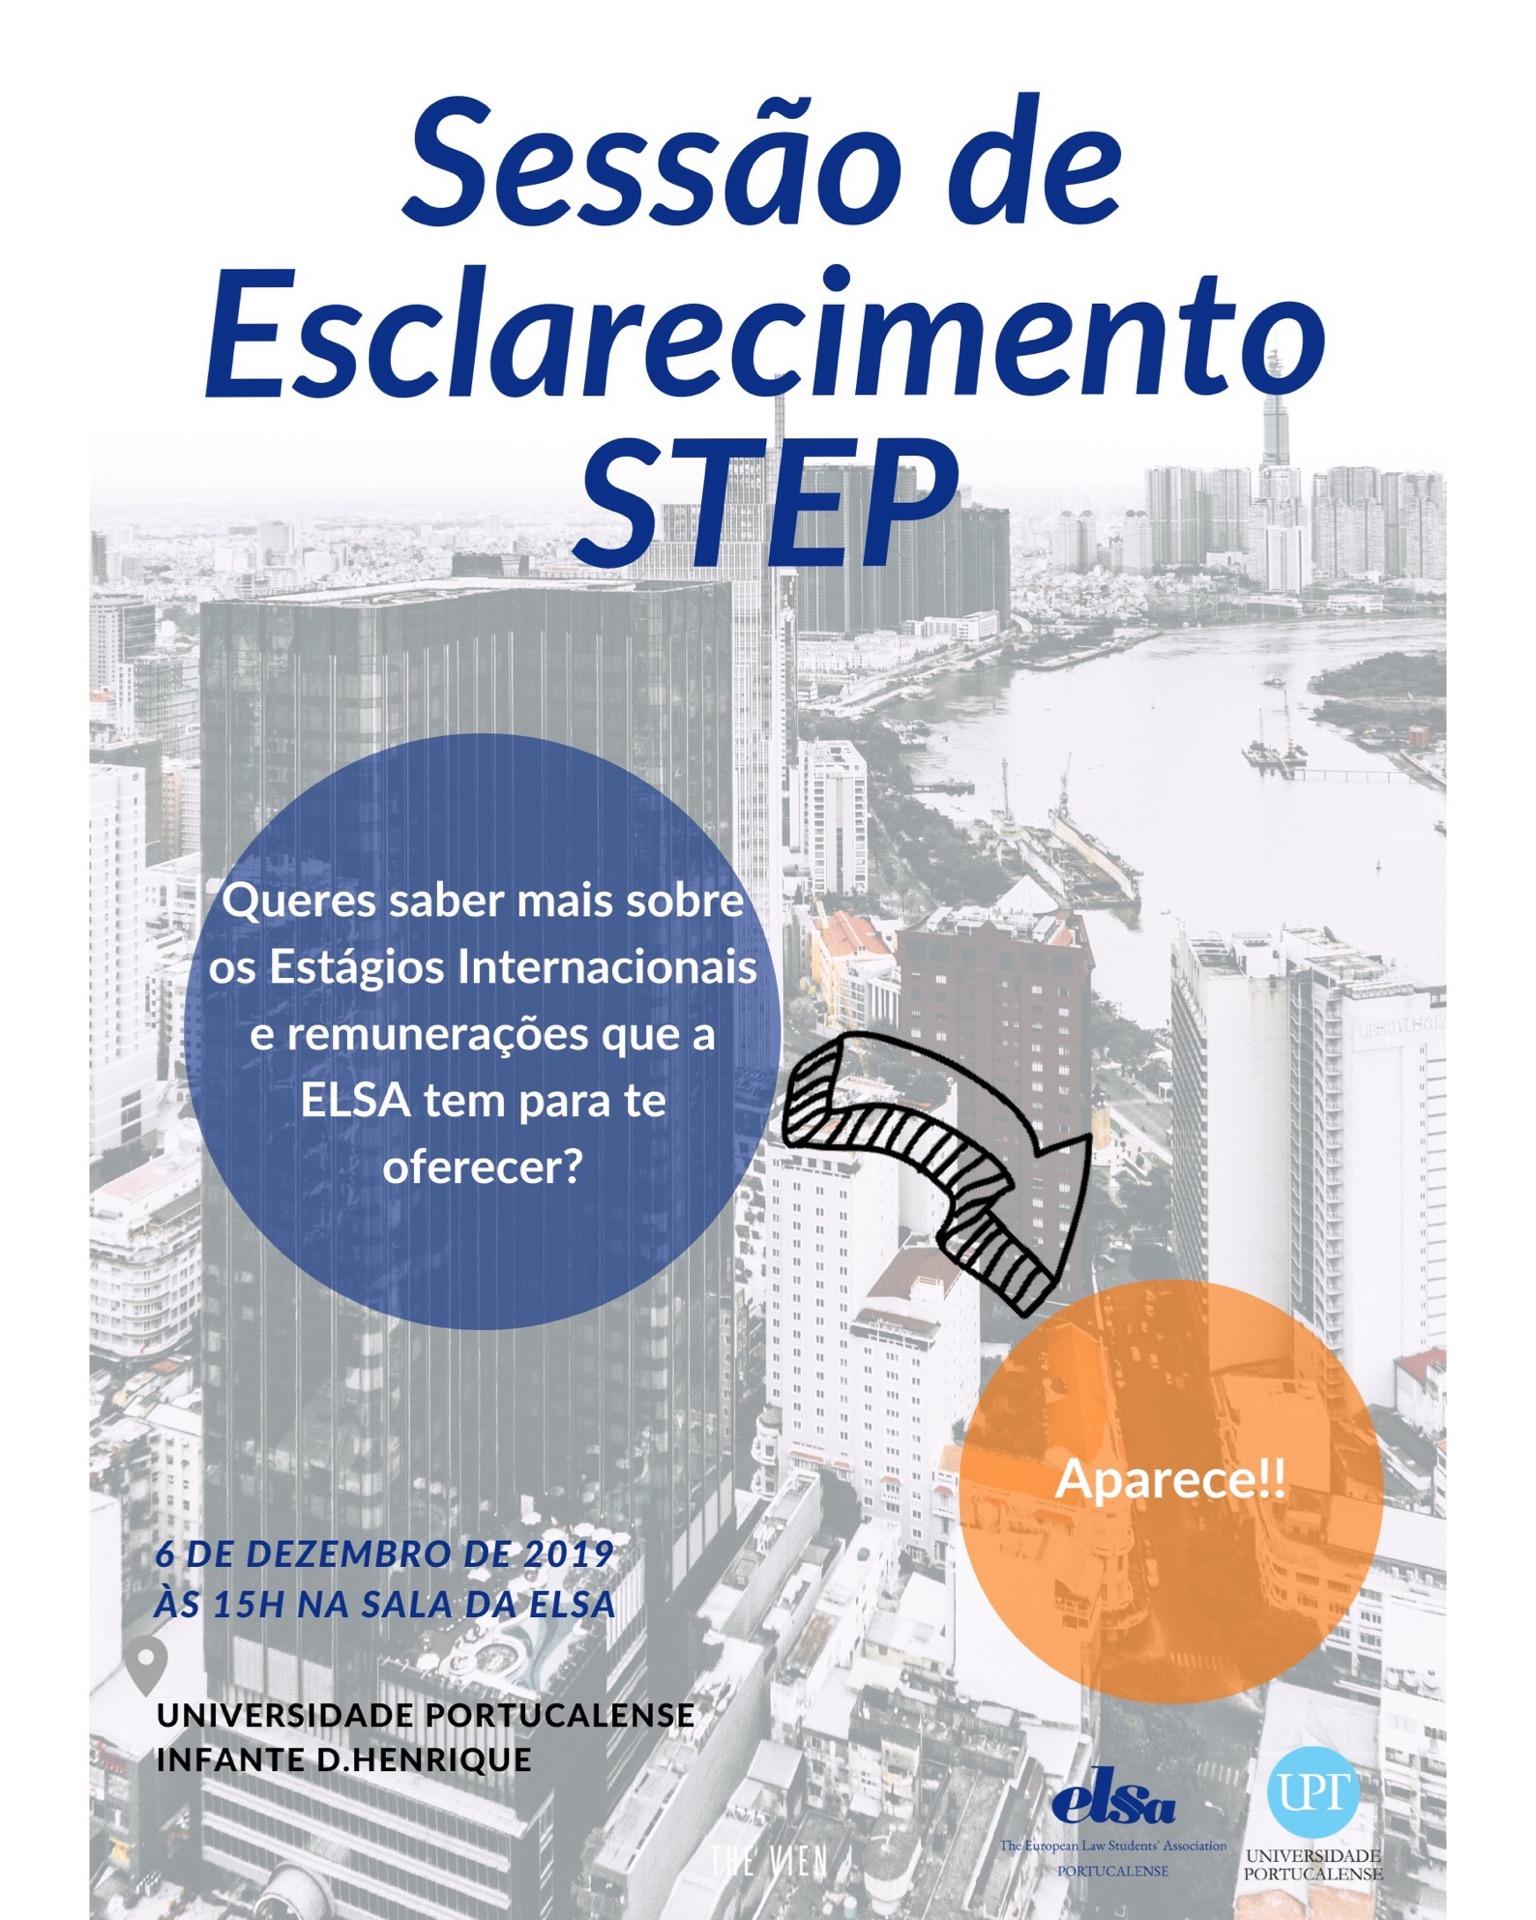 Nova Sessão de Esclarecimentos STEP